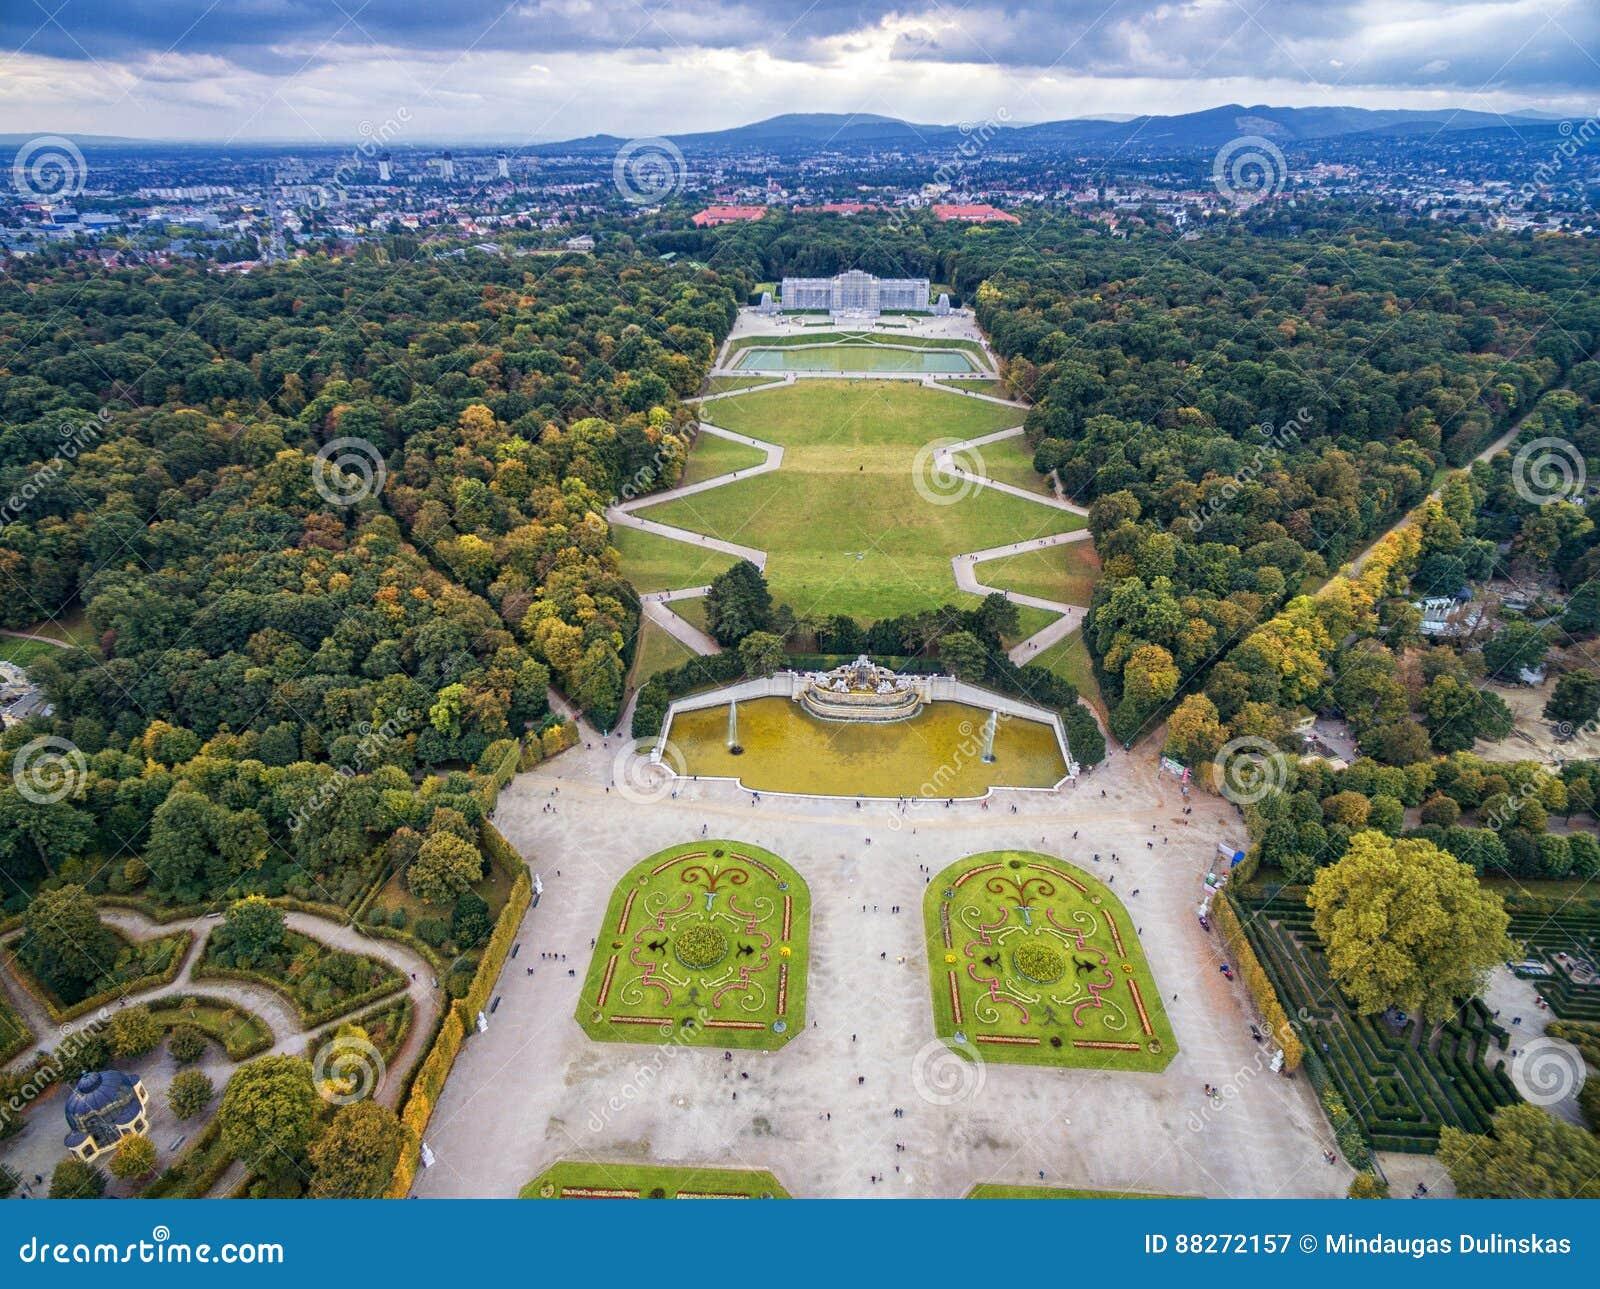 Παλάτι και κήπος Schonbrunn στη Βιέννη με τη διακόσμηση πάρκων και λουλουδιών Αντικείμενο επίσκεψης στη Βιέννη, Αυστρία